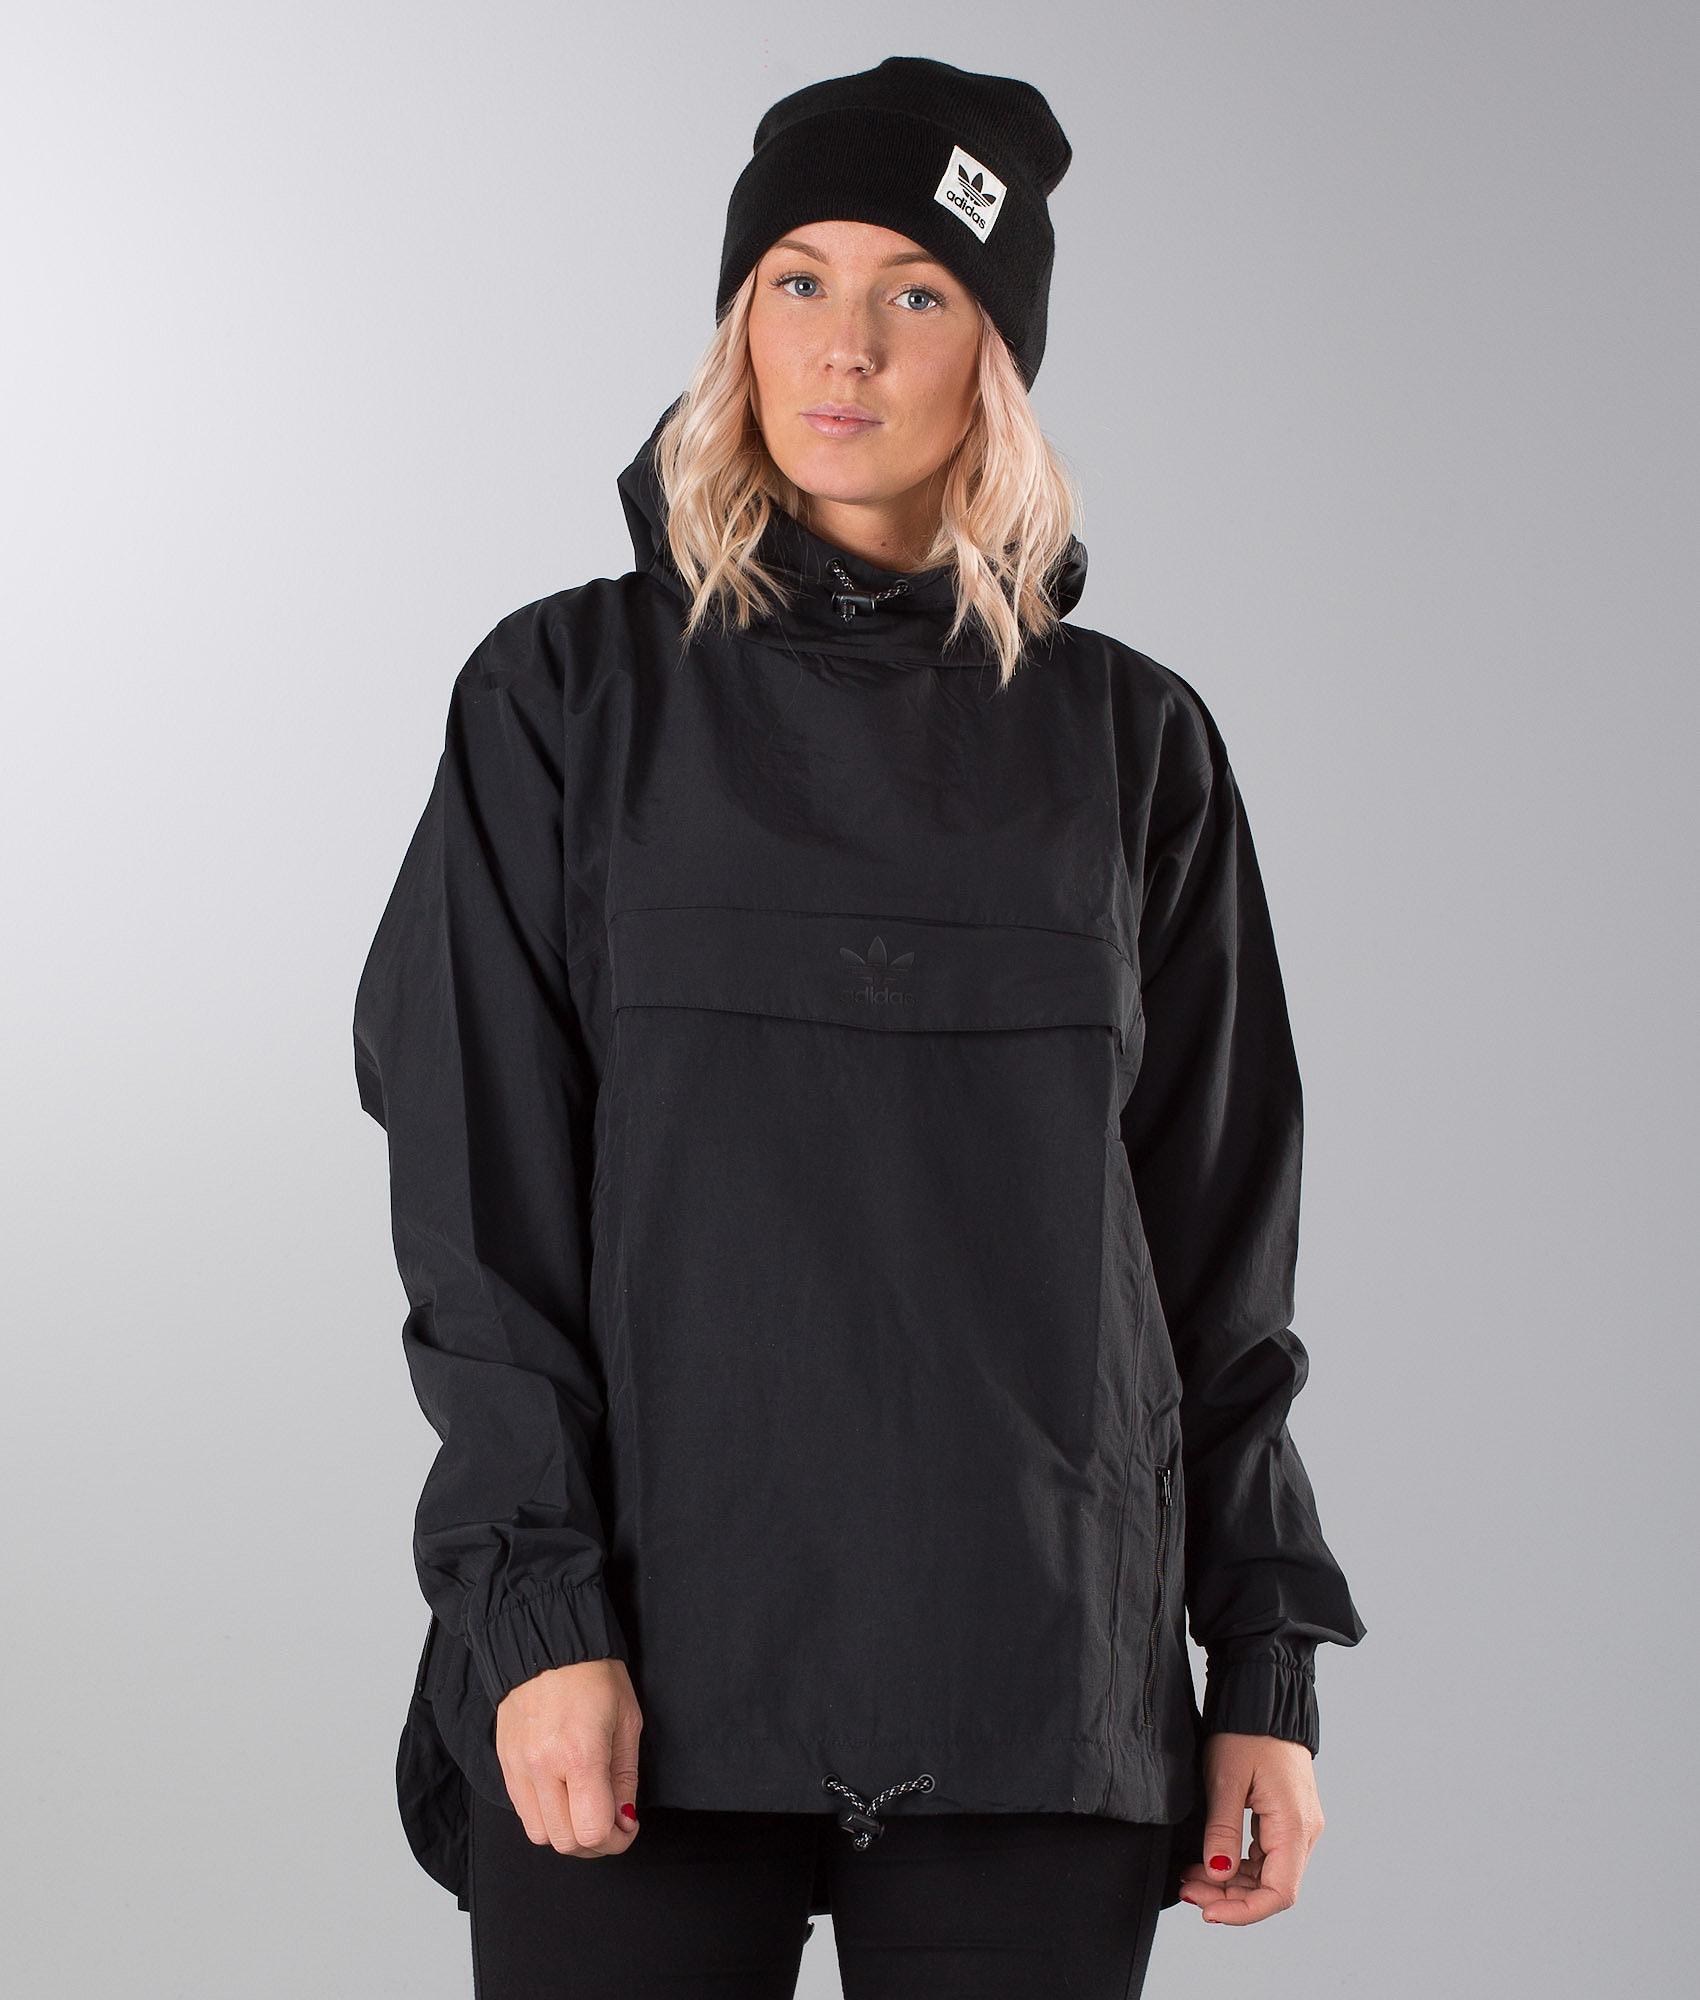 7e477c7cfccdd Adidas Originals Taped Anorak Unisex Jacket Black - Ridestore.com